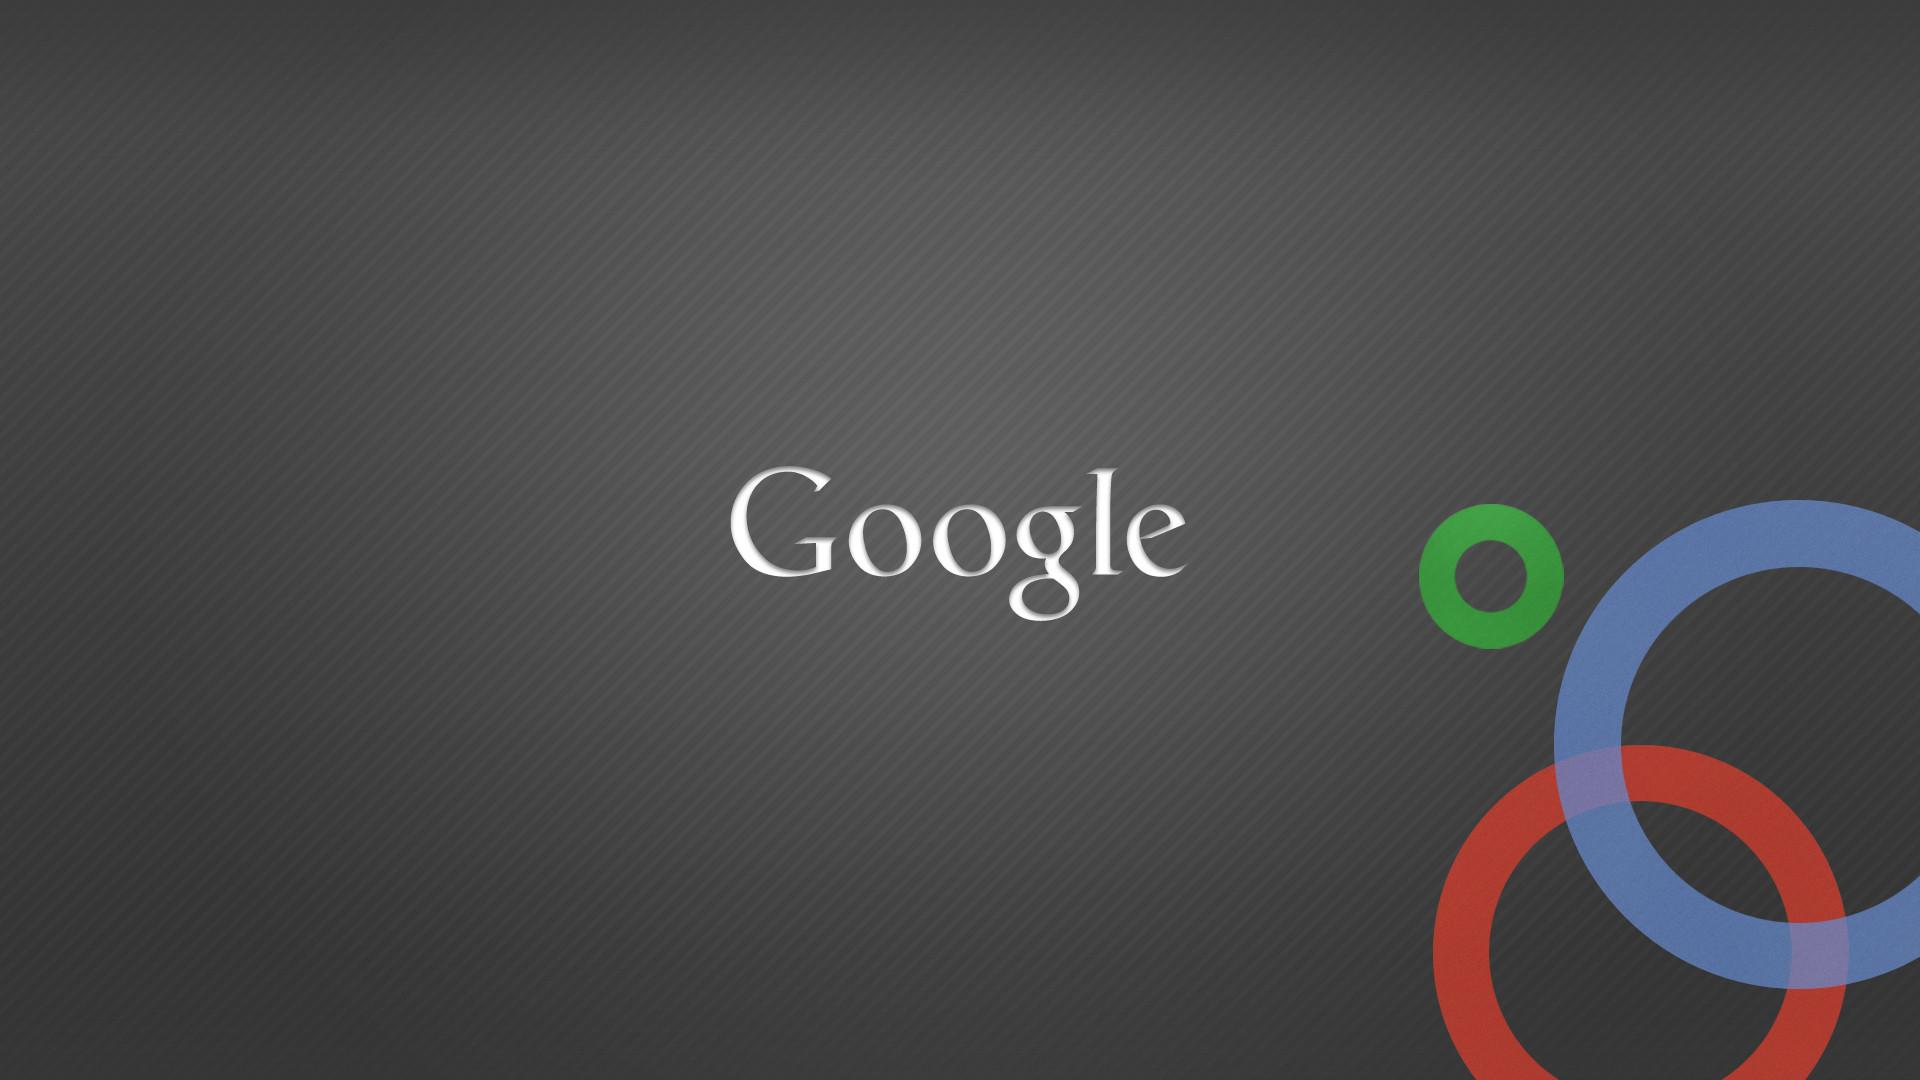 google backgrounds for desktop 52 images